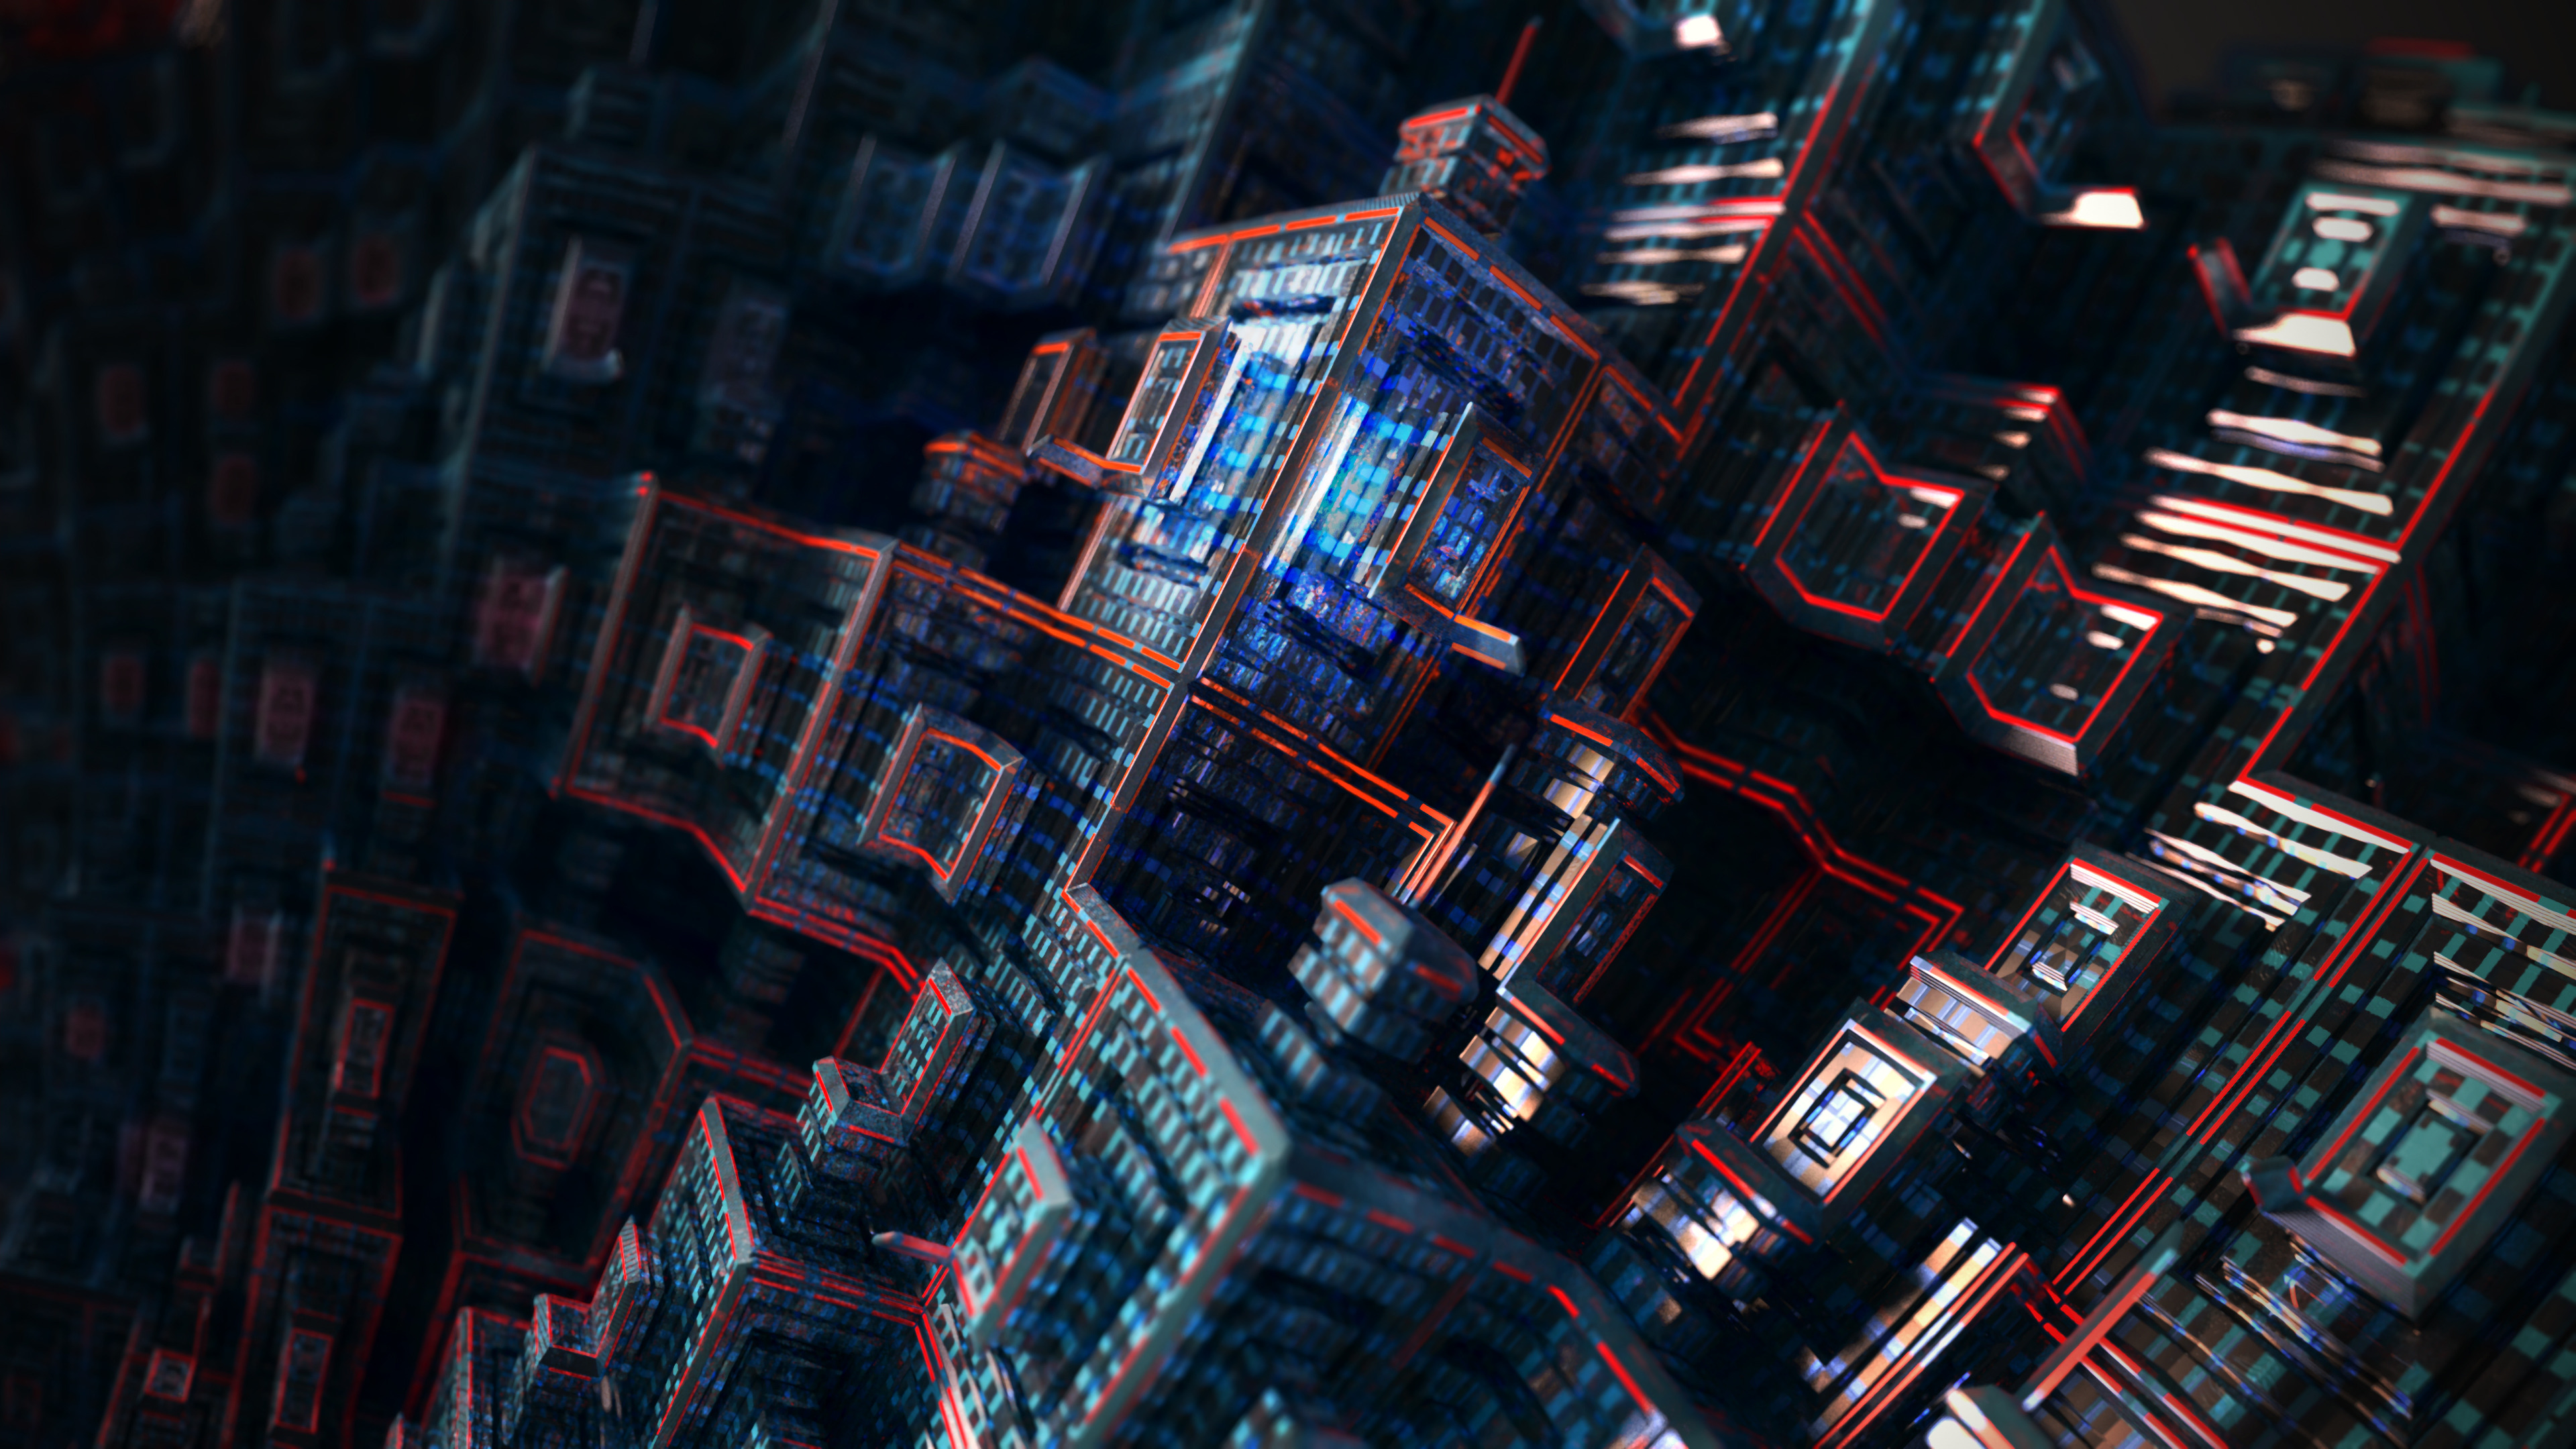 Download 3840x2160 wallpaper fractals, dark, cubes ...